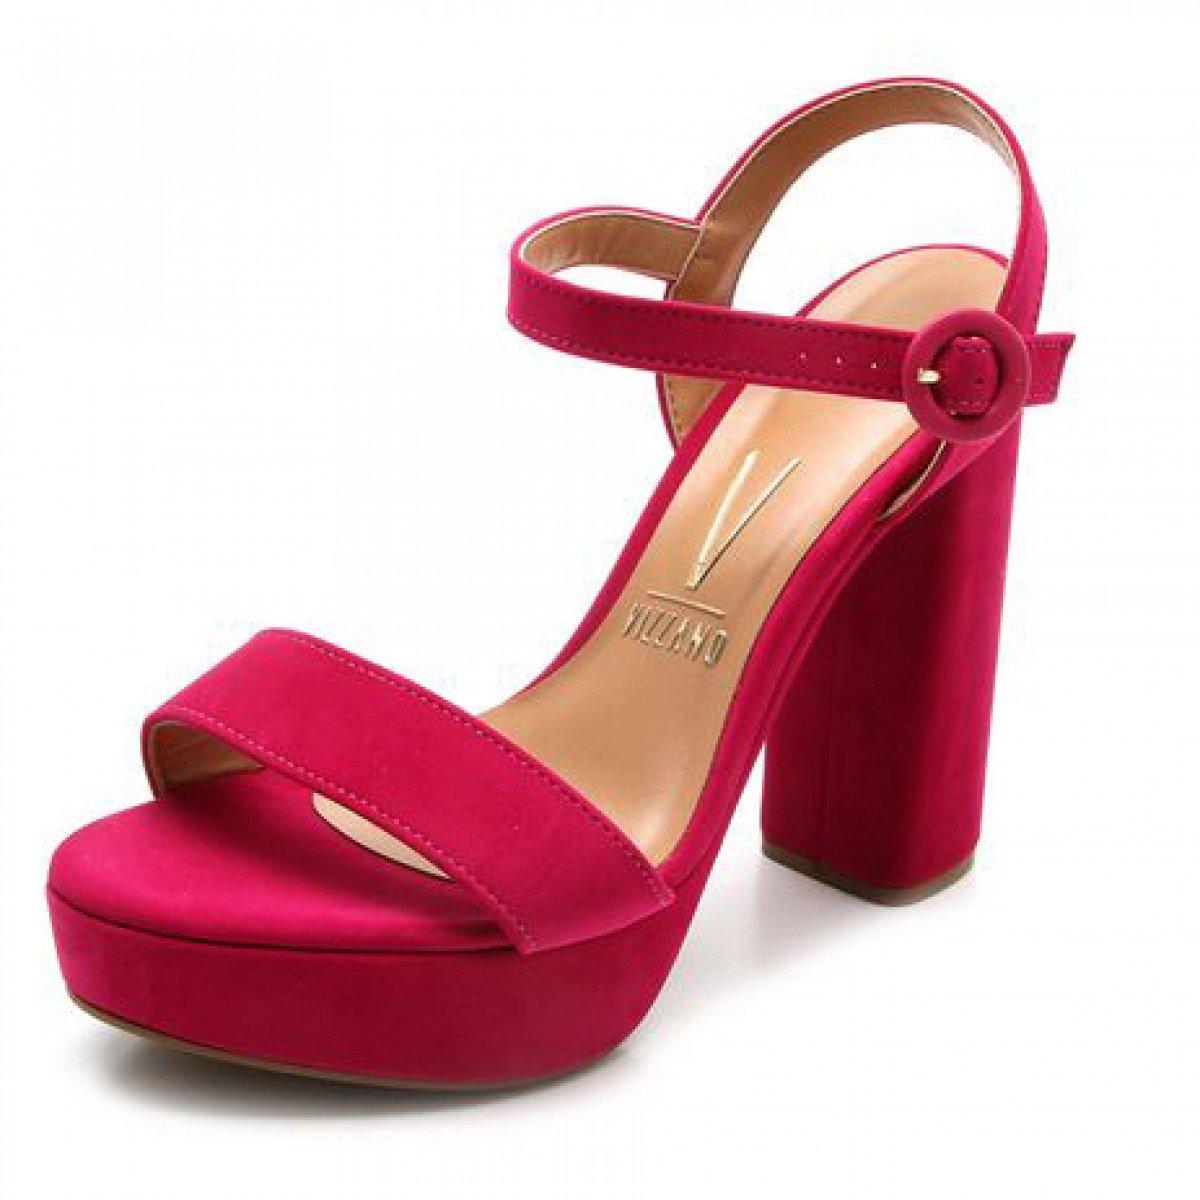 3cf2d4d28 Sandália Vizzano Salto Grosso Camurça Rosa Pink - Compre Agora ...